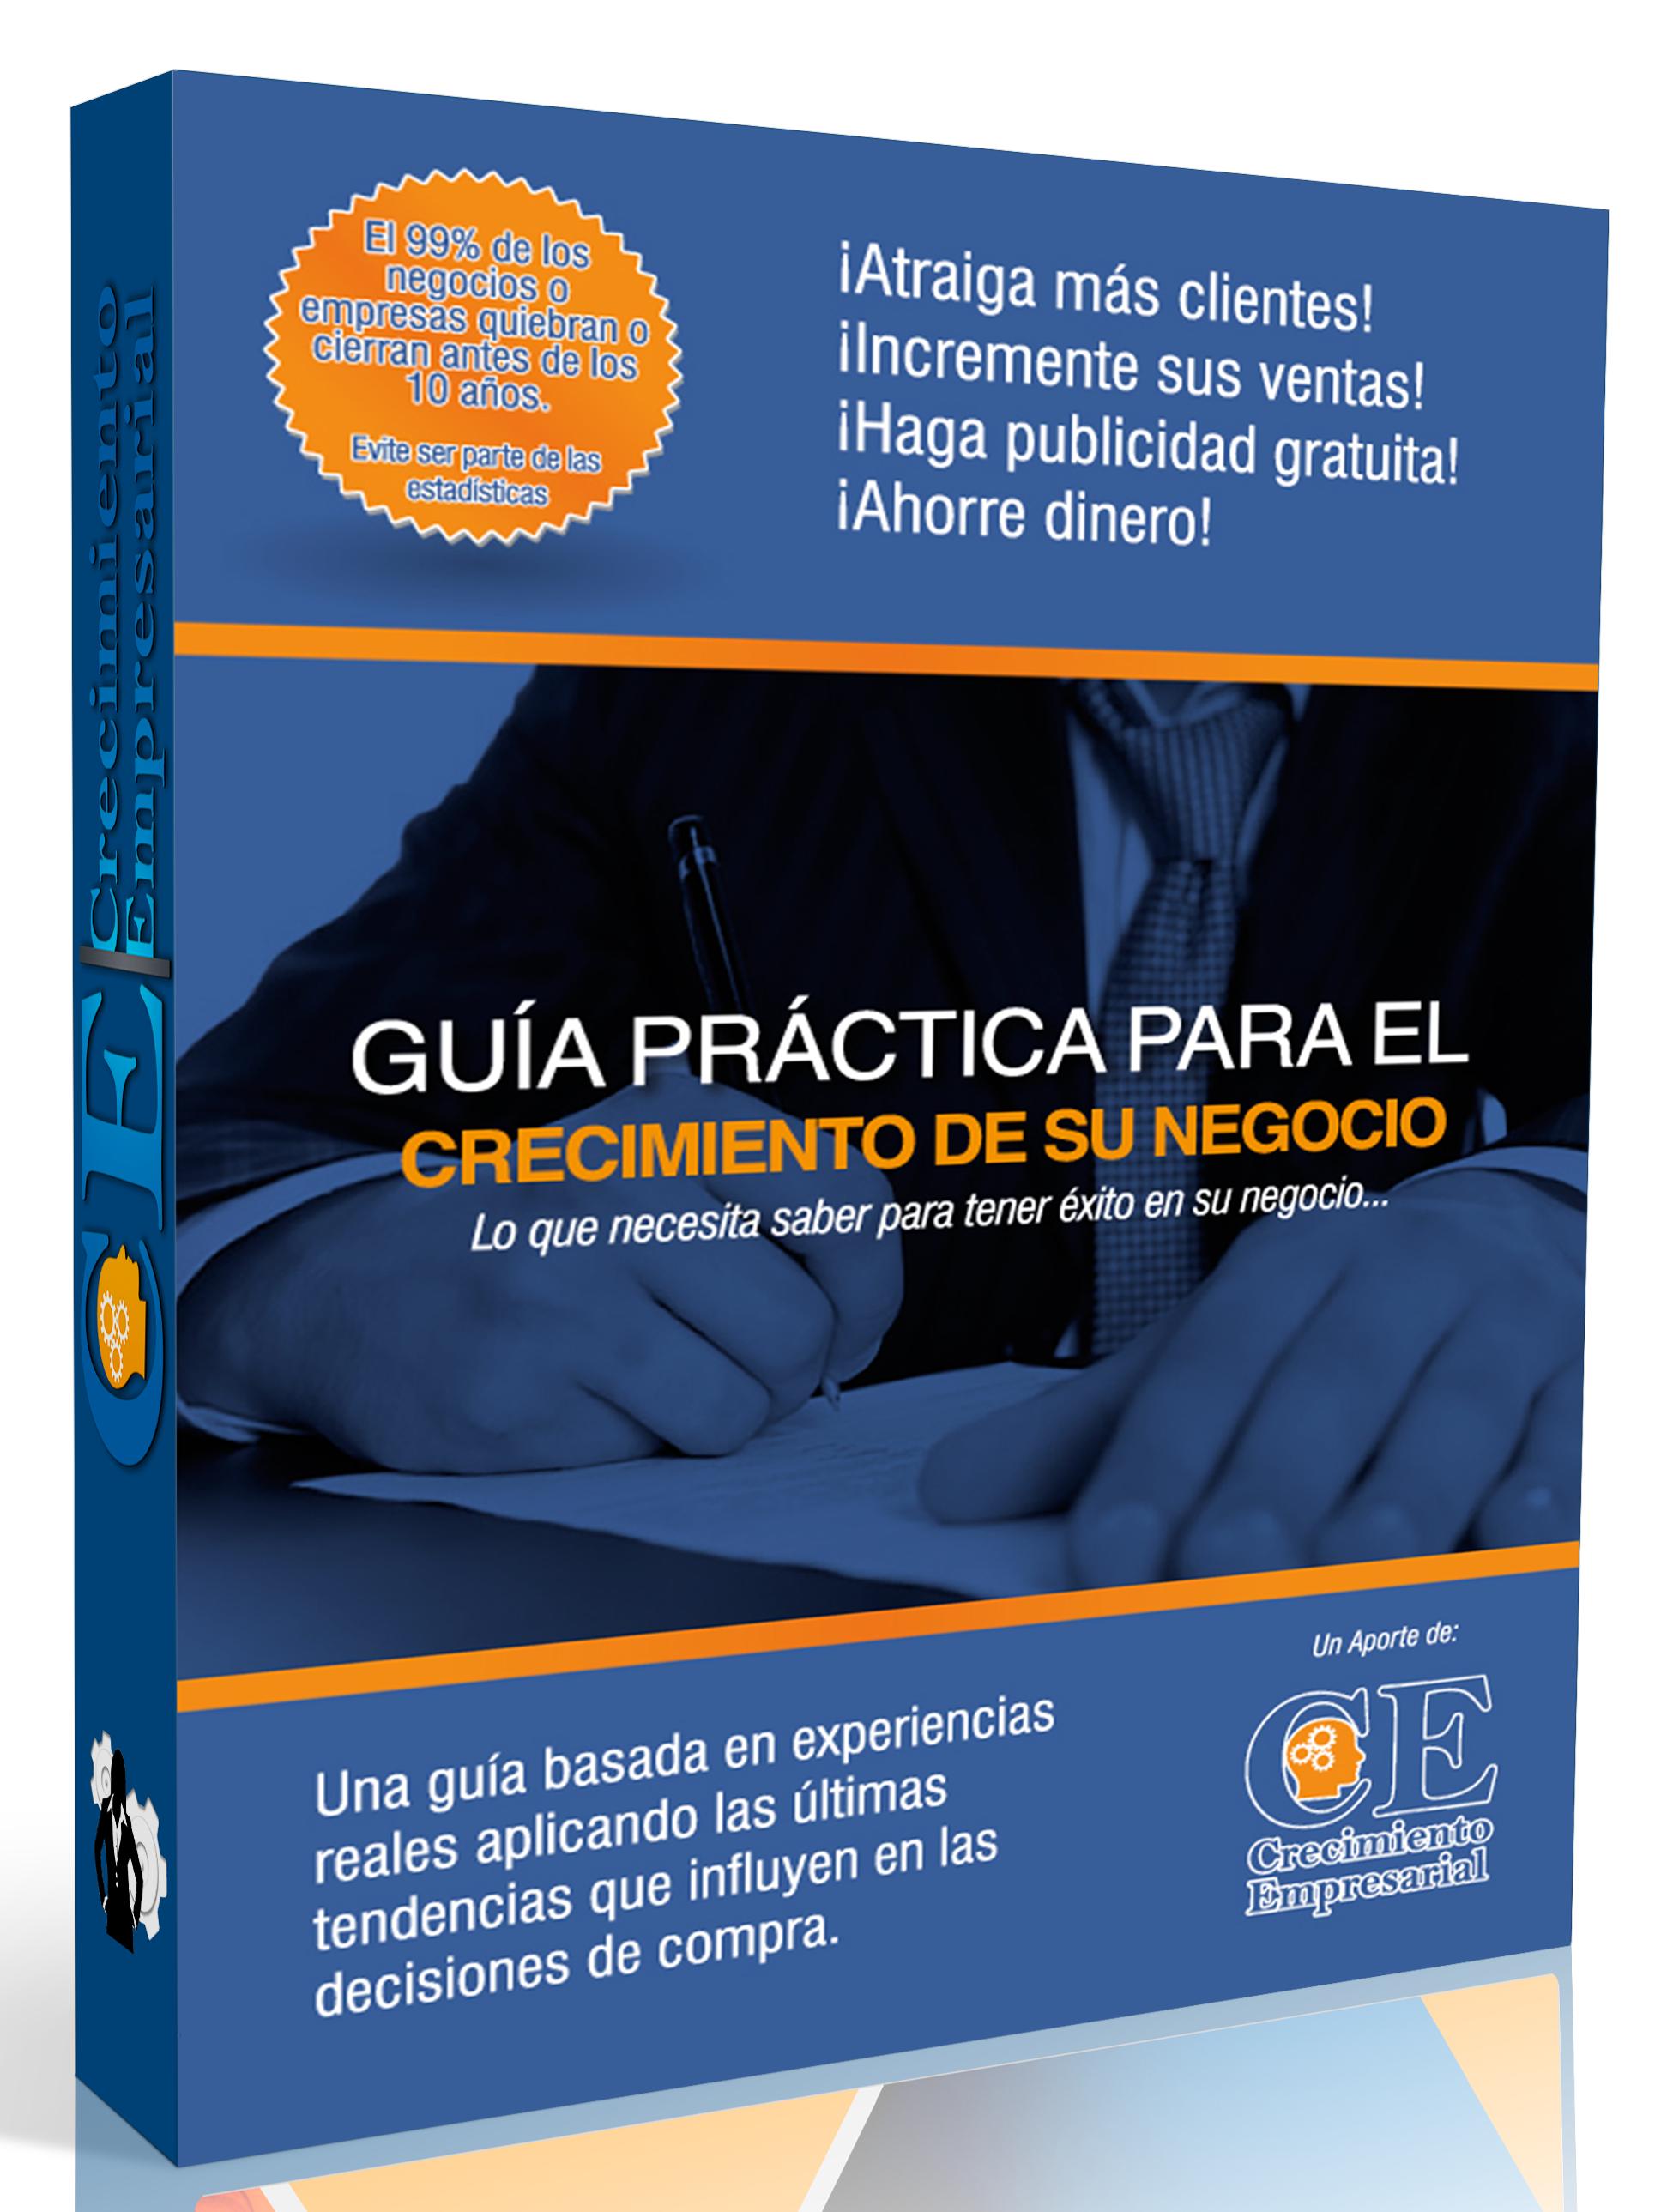 COVER GUIA CRECIMIENTO EMPRESARIAL - copia